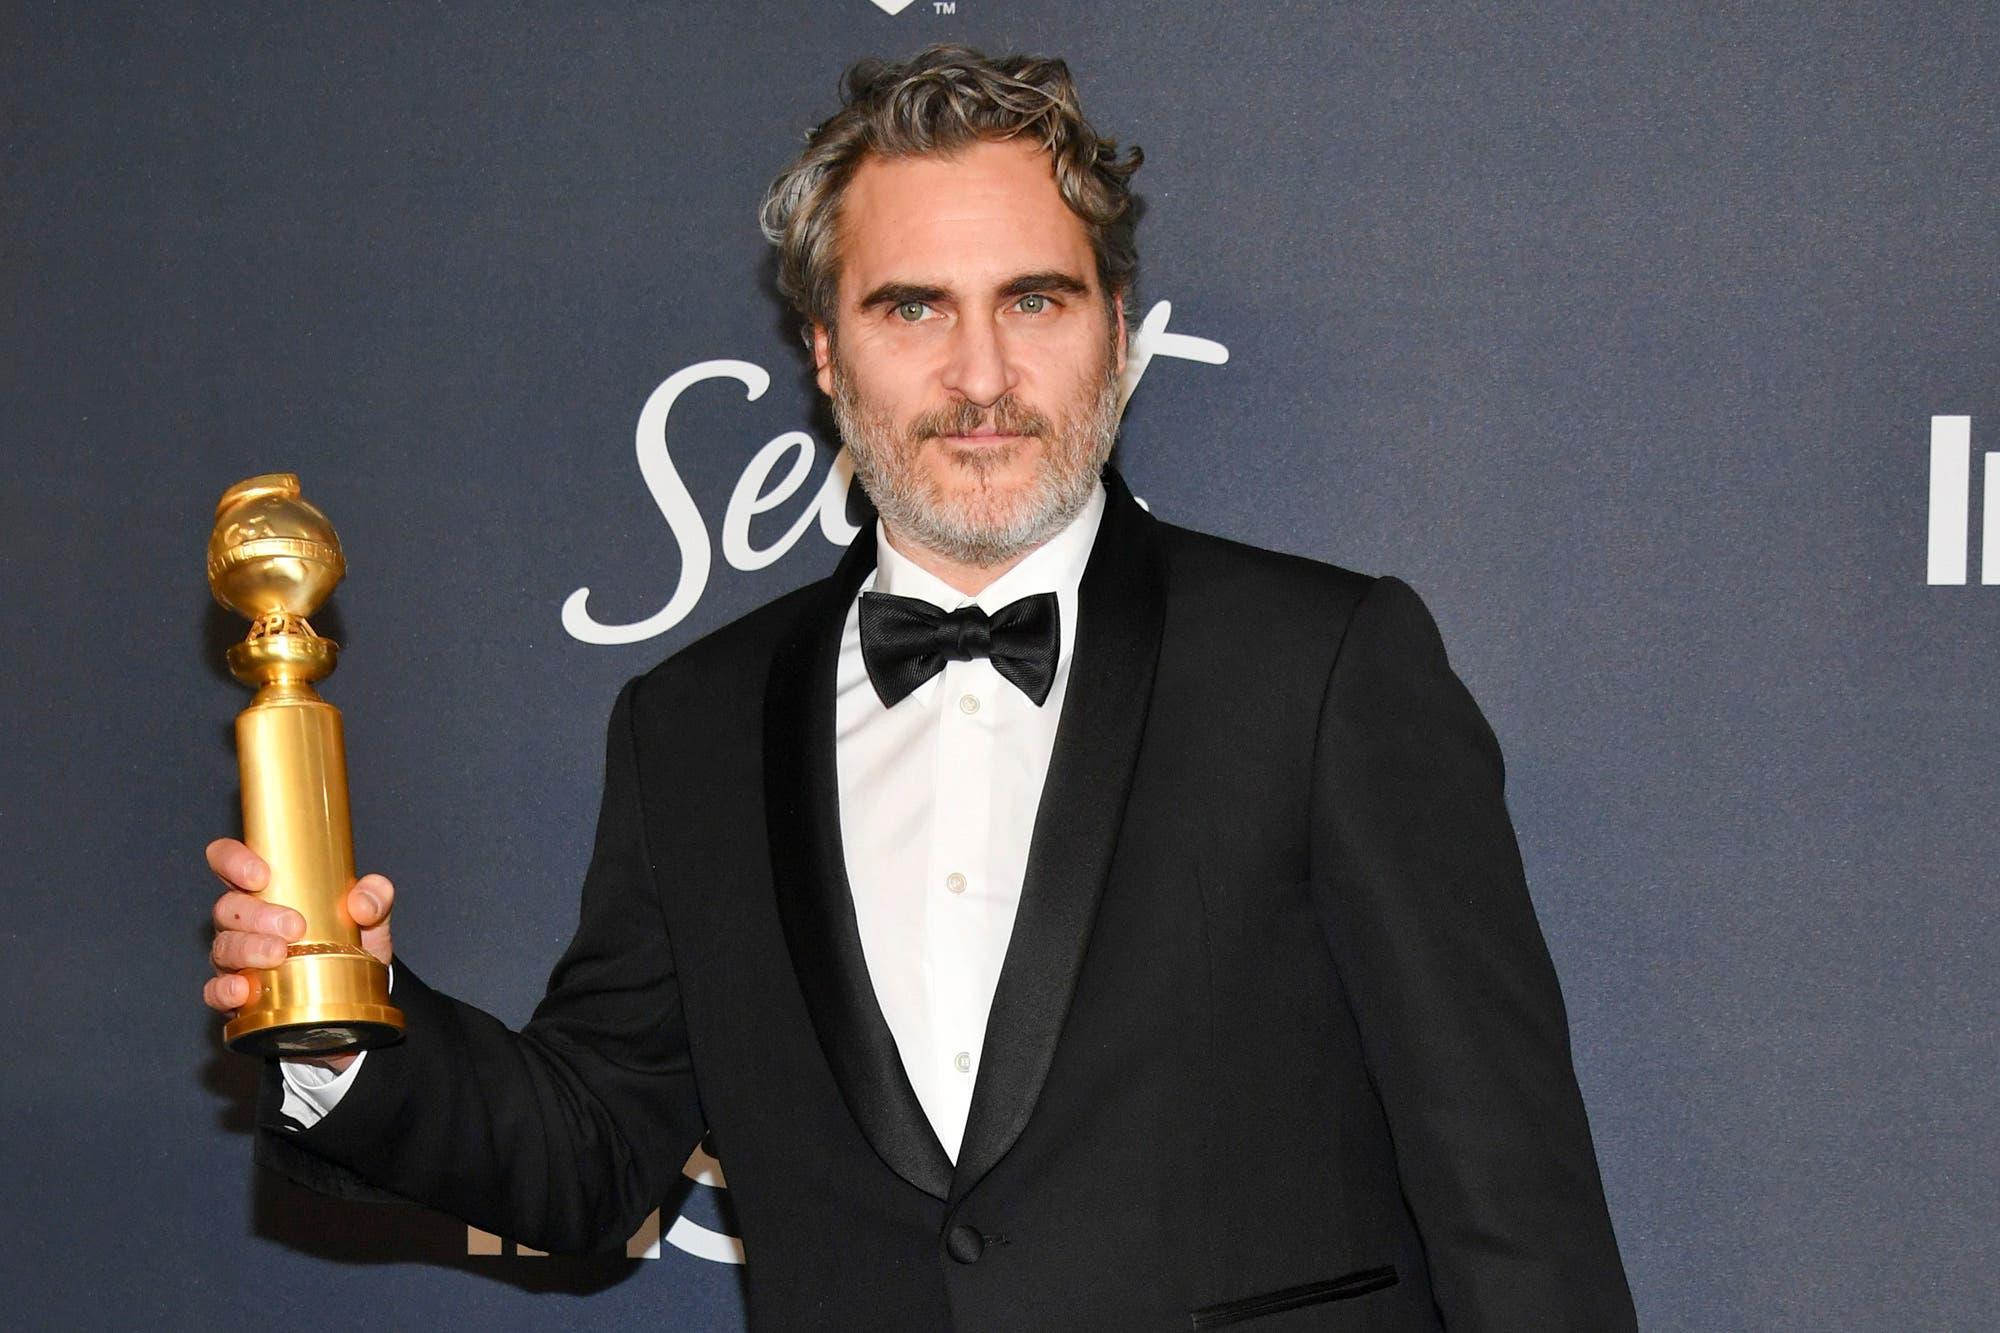 Premios Oscar 2020: cómo Joaquin Phoenix logró veganizar la temporada de  premios - LA NACION